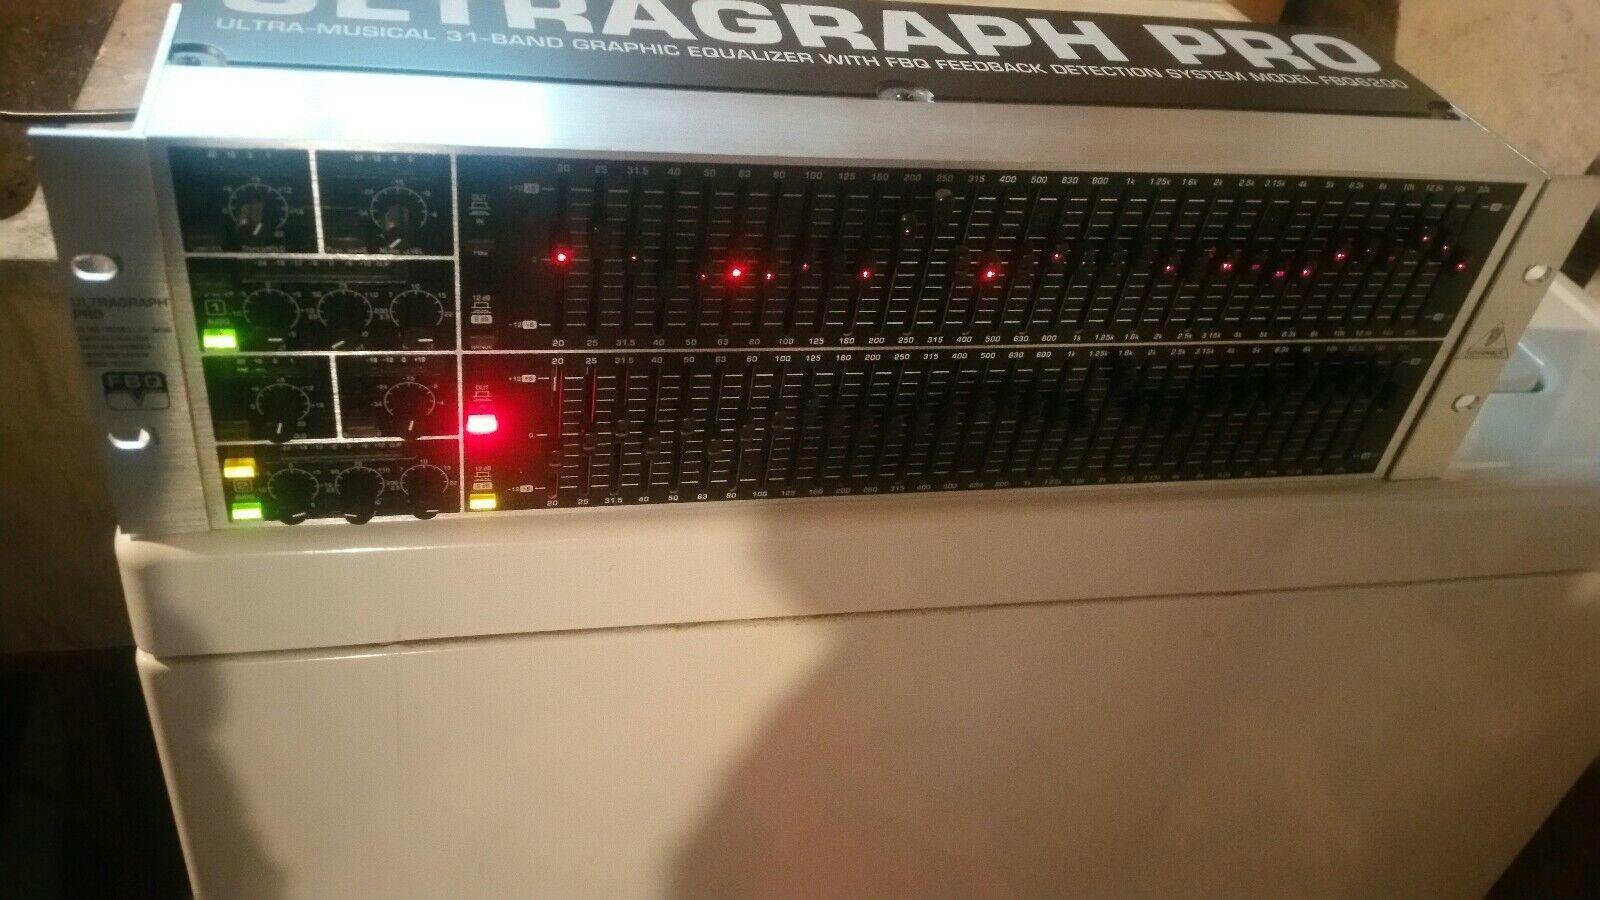 Dj equalizer beringer  FBQ6200